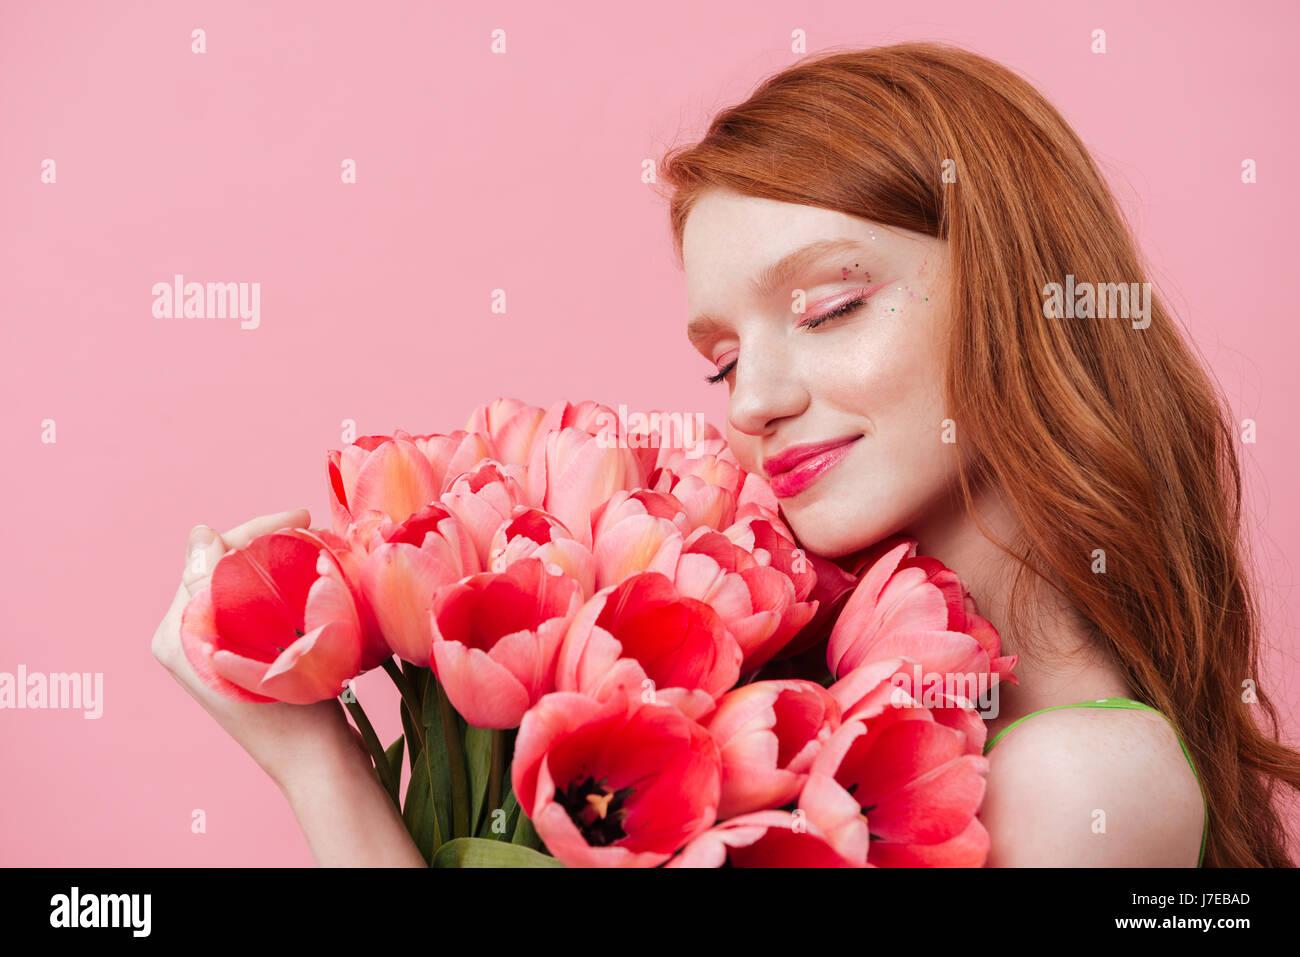 Joven mujer bonita de tocar y oler con los ojos cerrados flores rosas Imagen De Stock